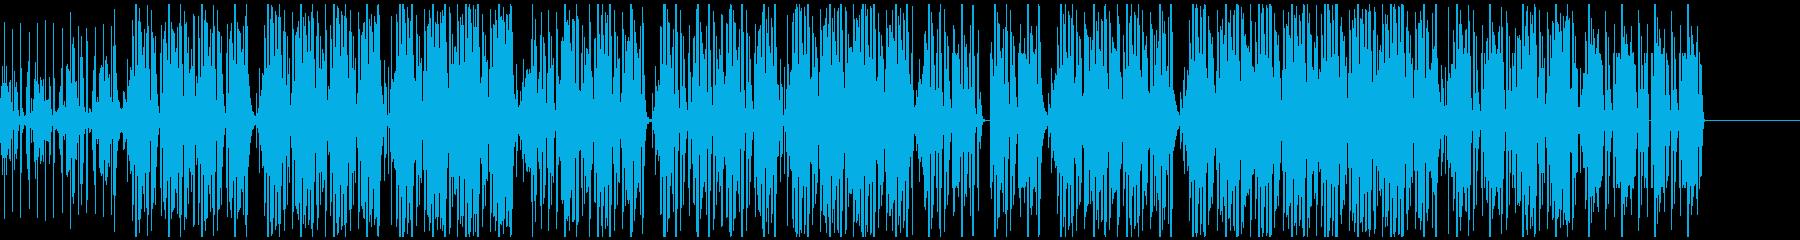 レトロ ギャングラップ 神経質 エ...の再生済みの波形